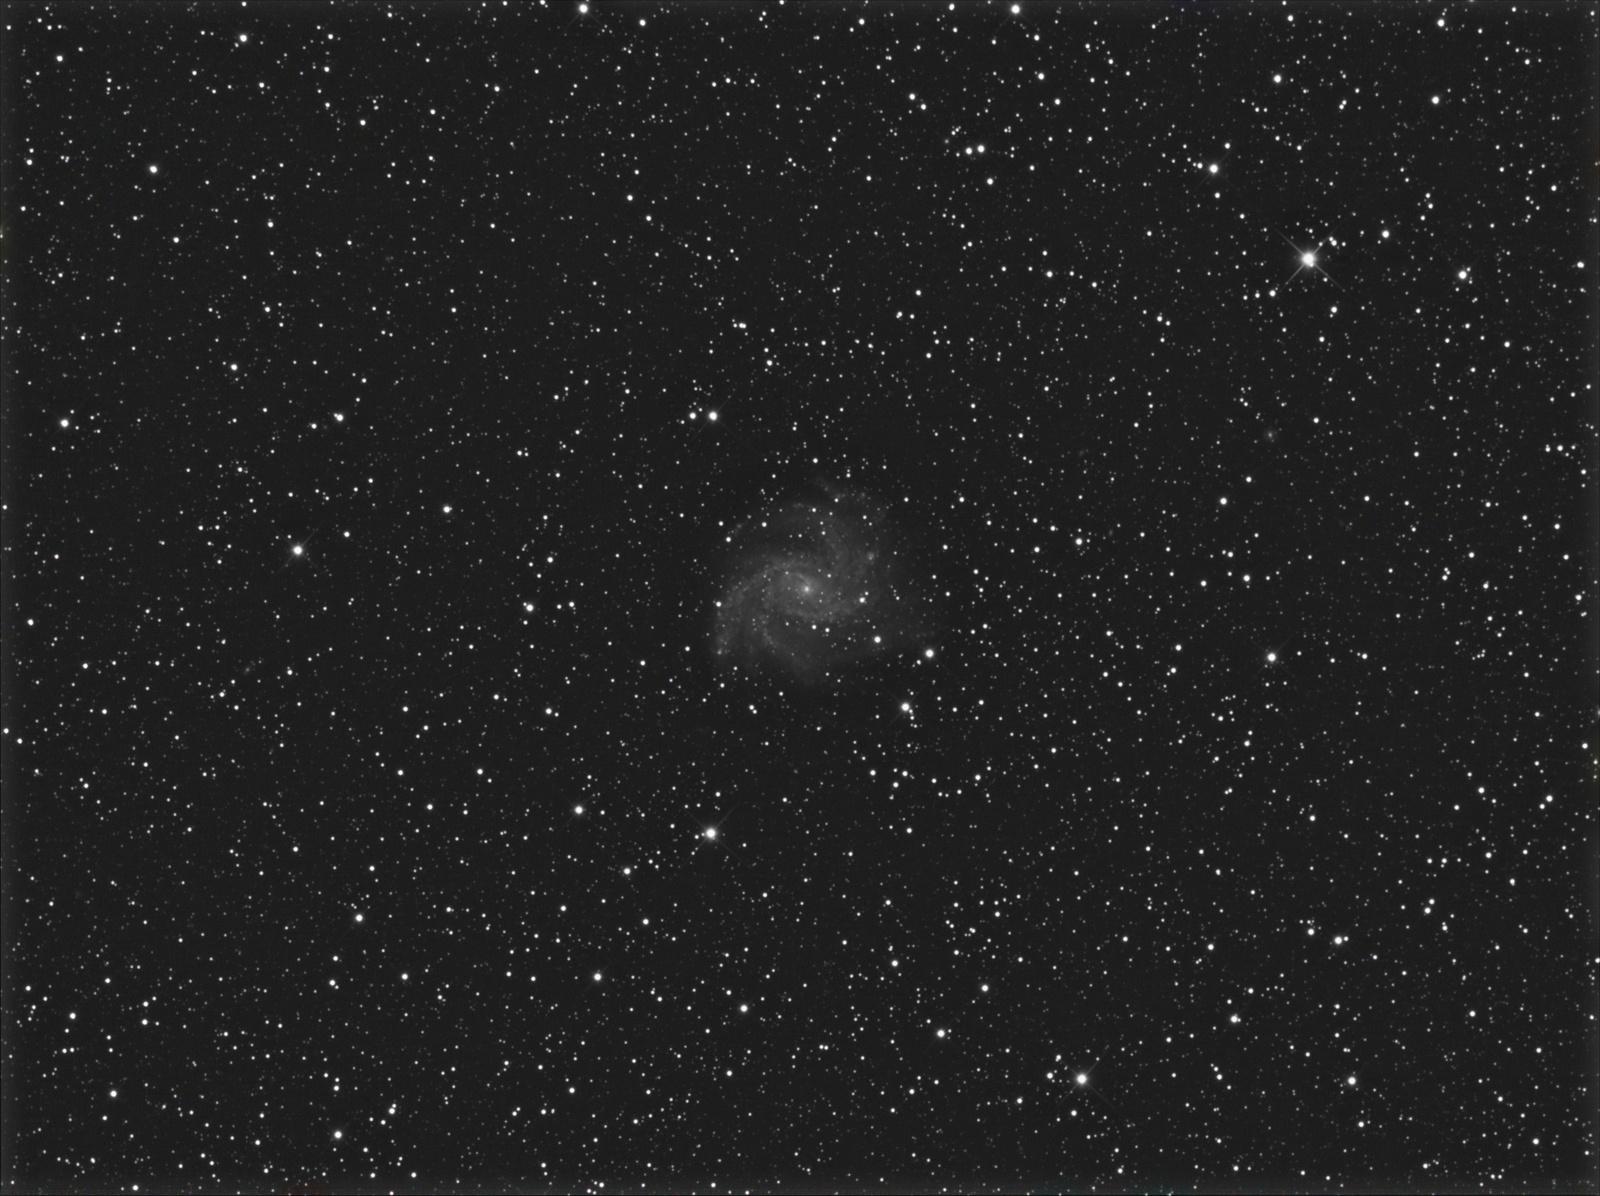 NGC6946_full.thumb.jpg.45820a115ed5c4384b7319d9e40fe584.jpg